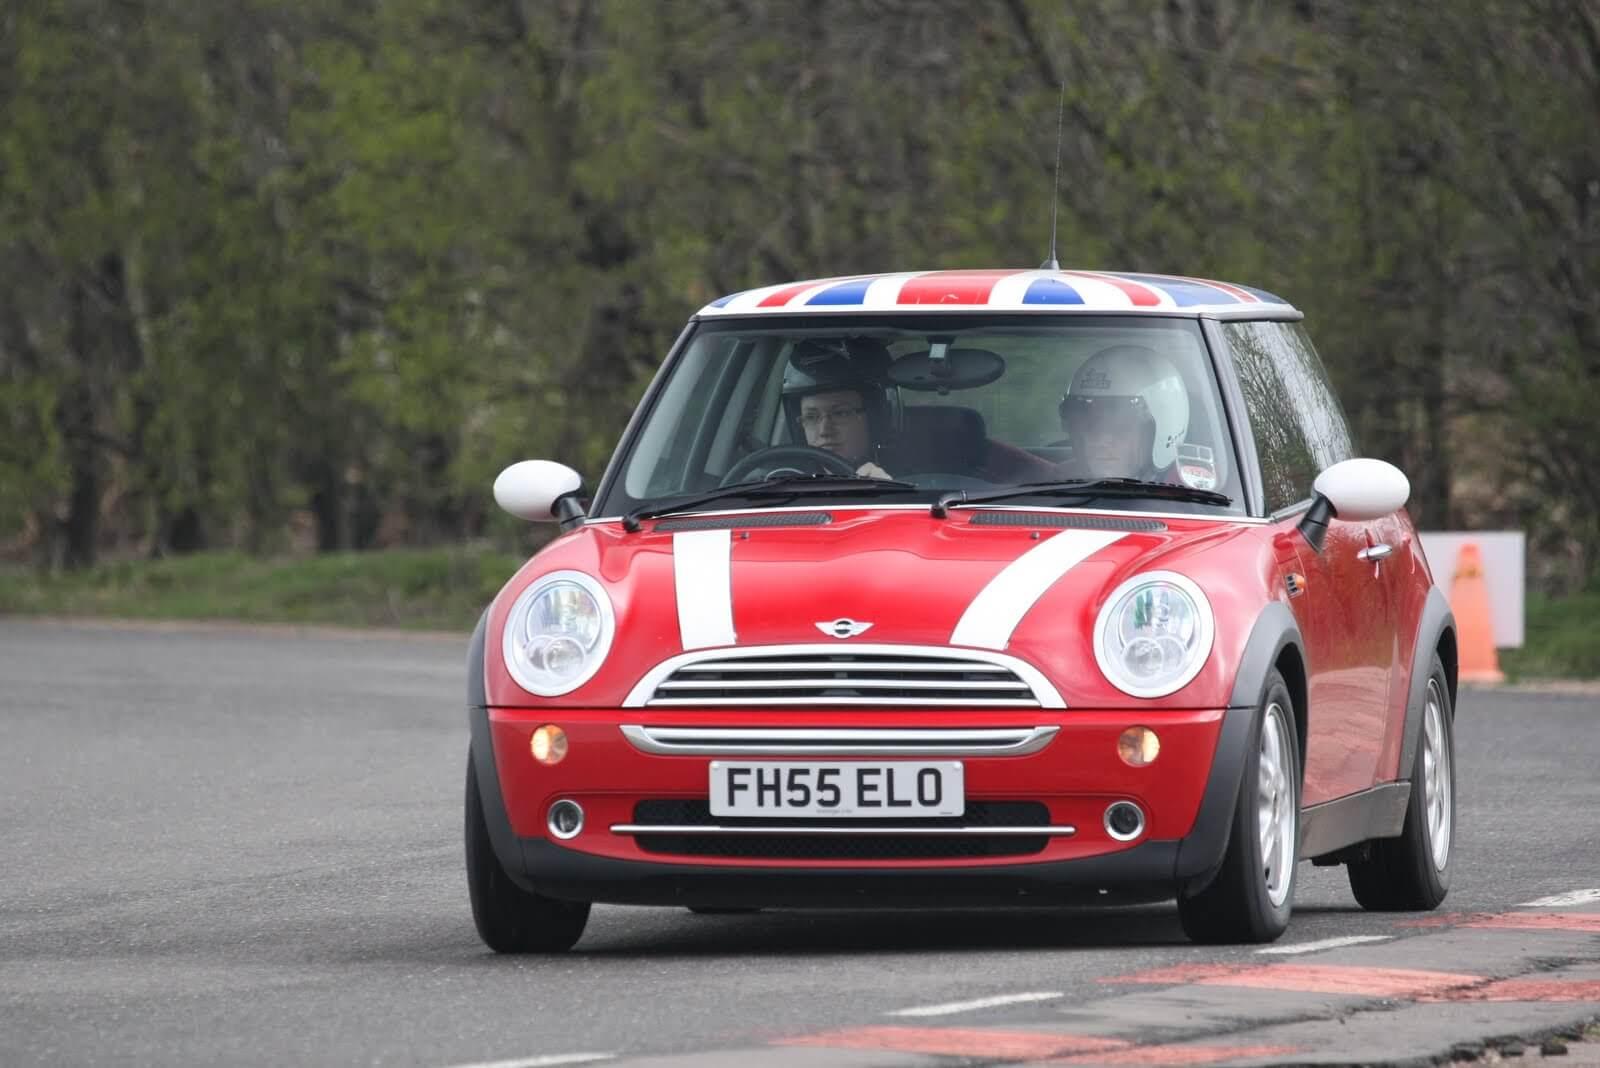 A red Mini Cooper